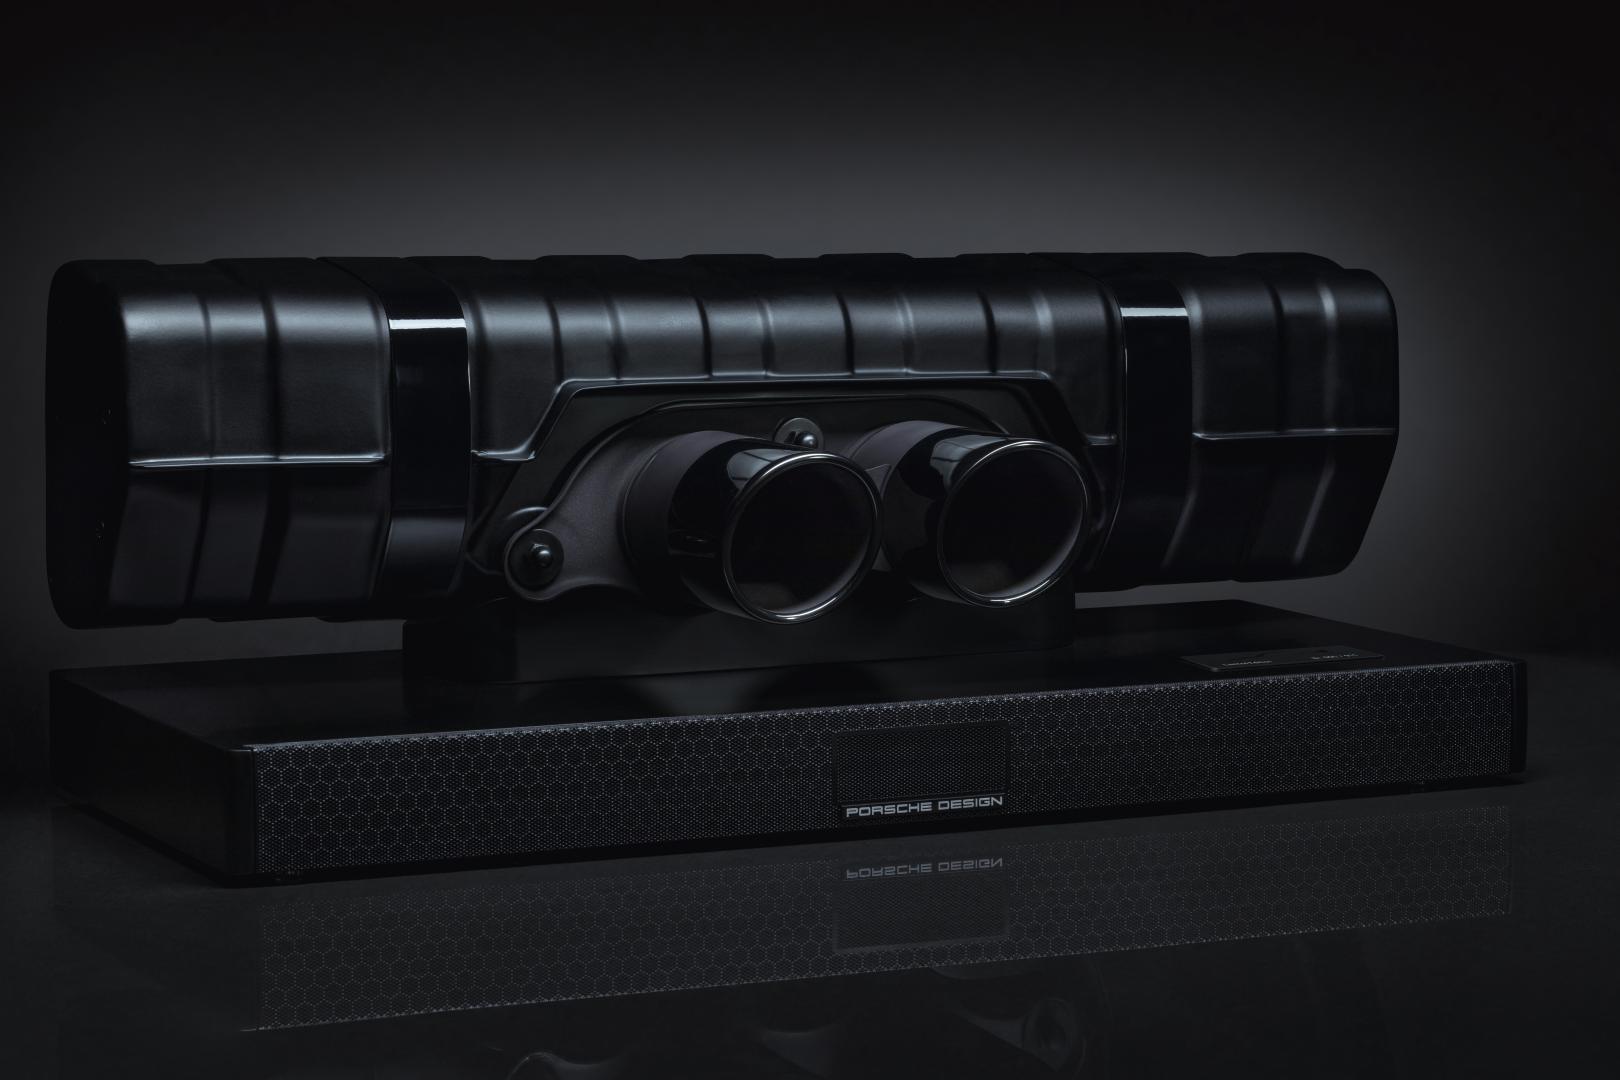 Porsche Design Soundbar Black Edition